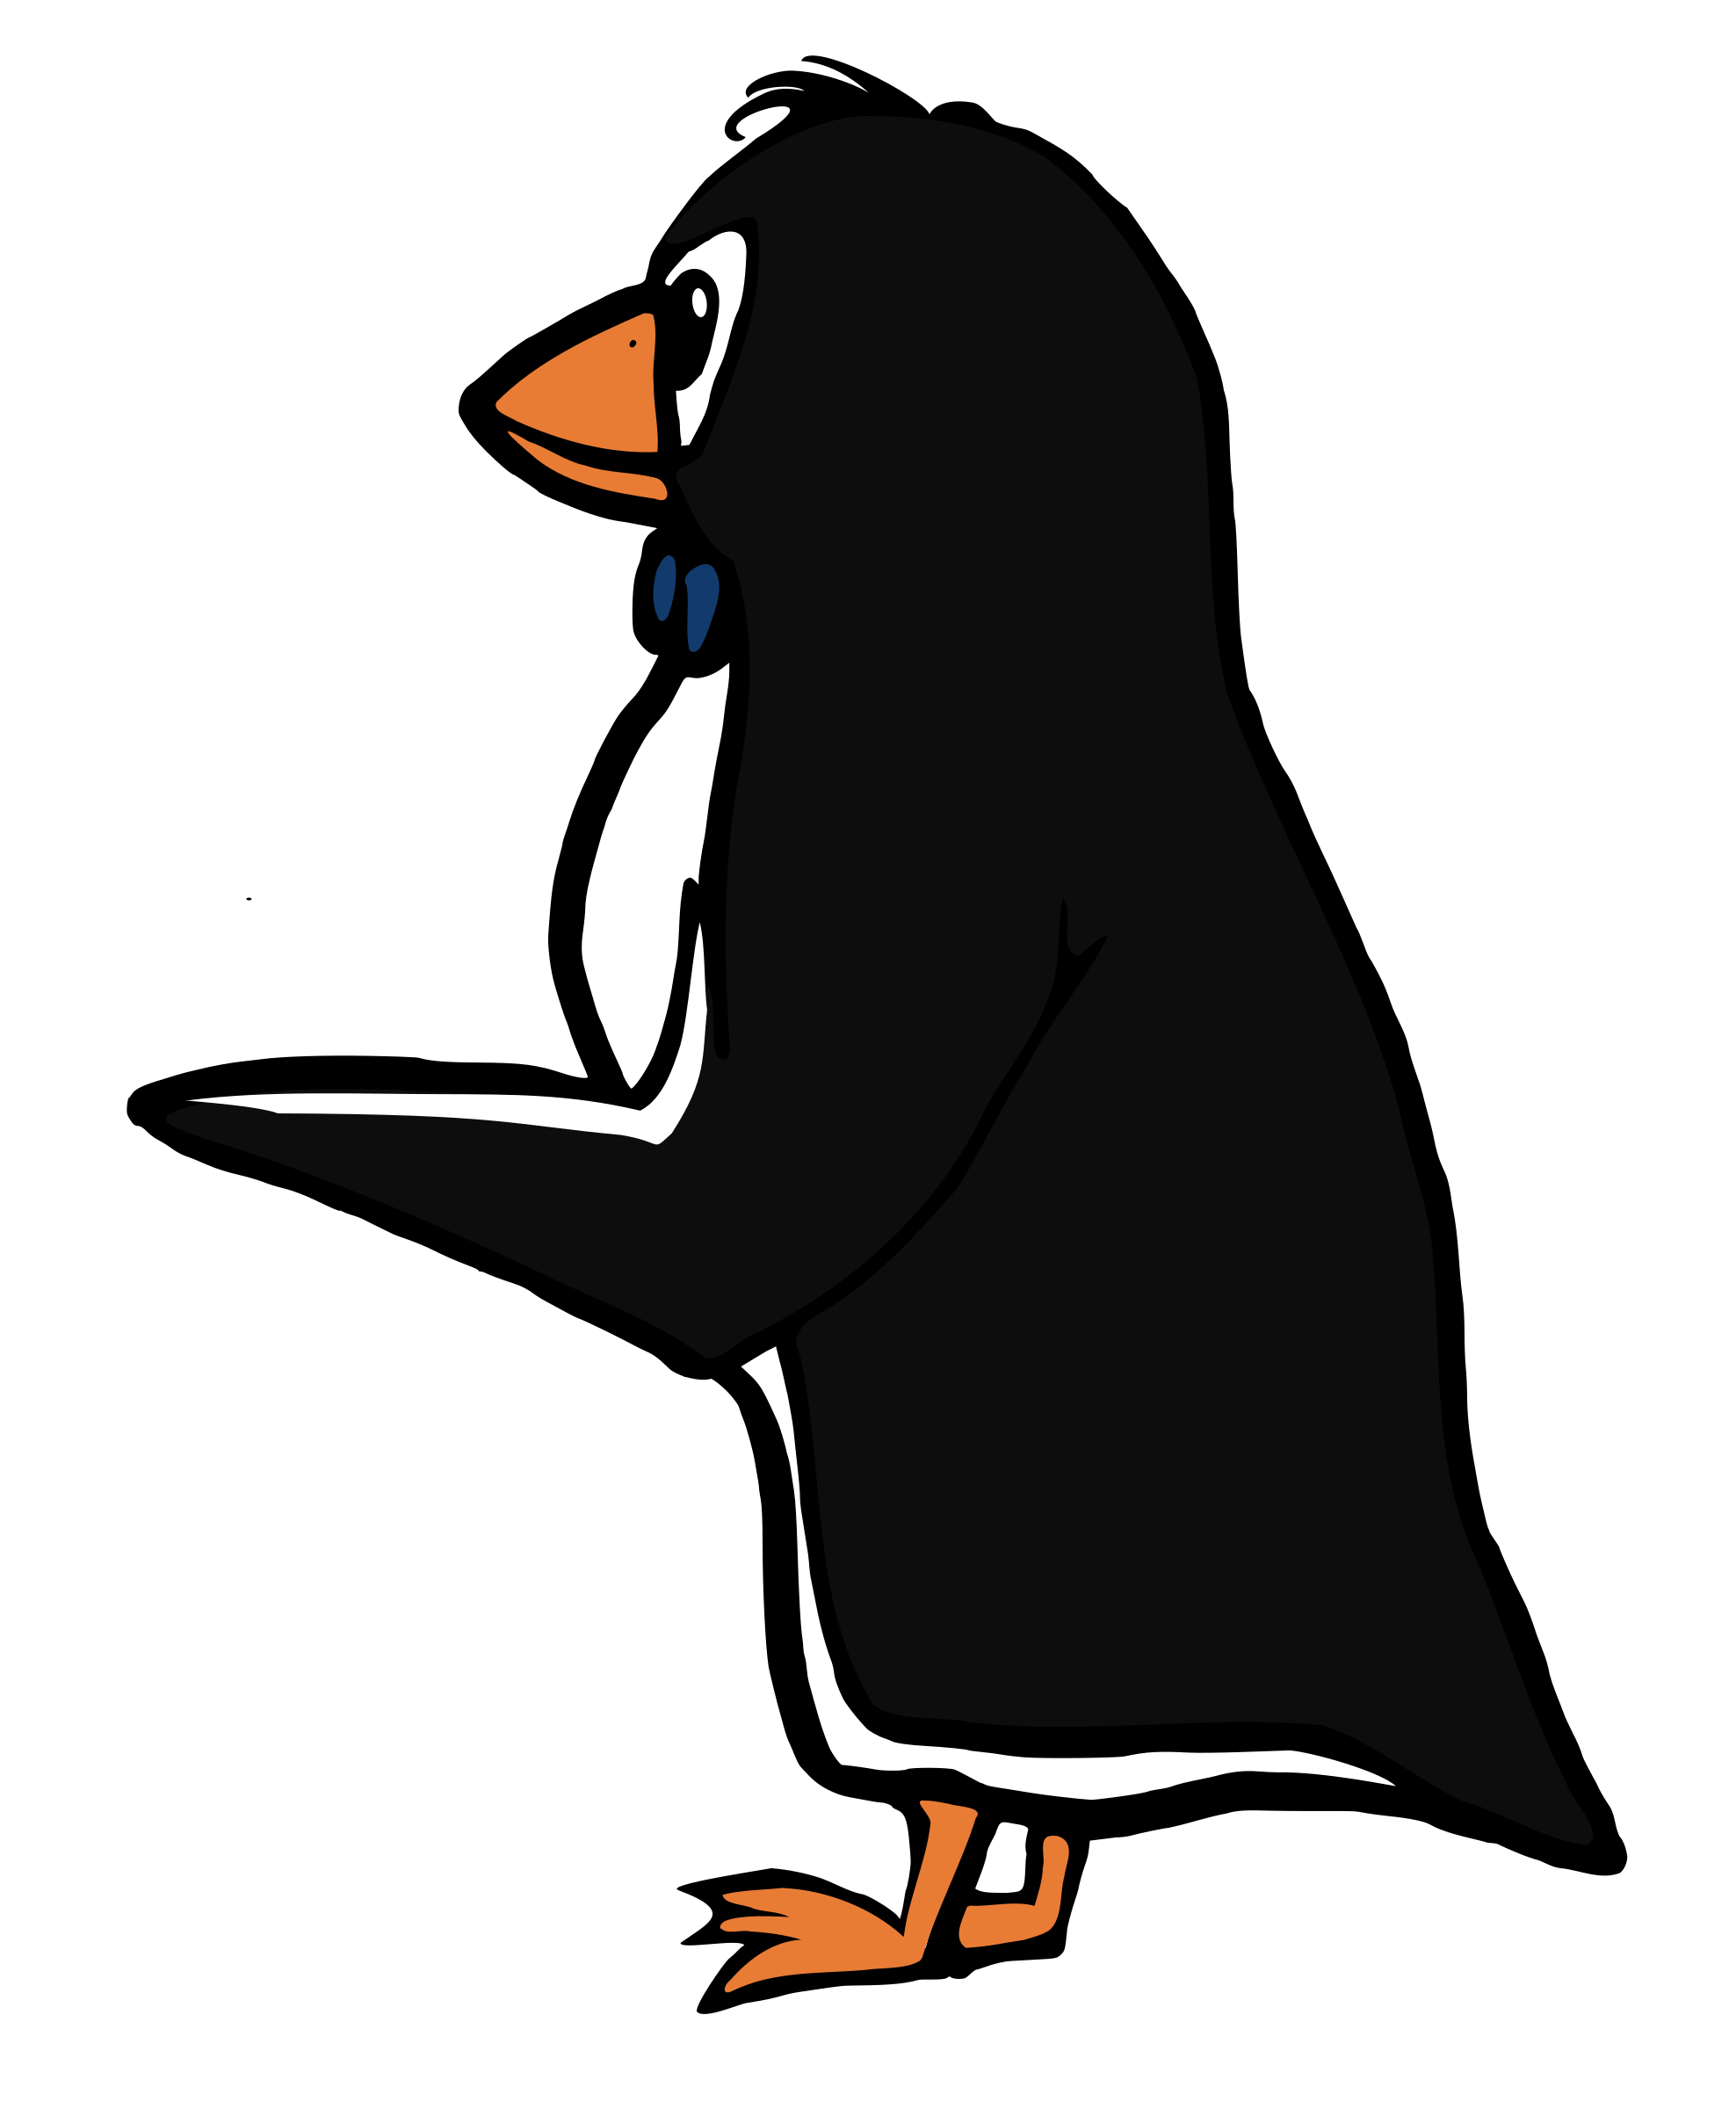 Pointing penguin big image. Clipart penquin design